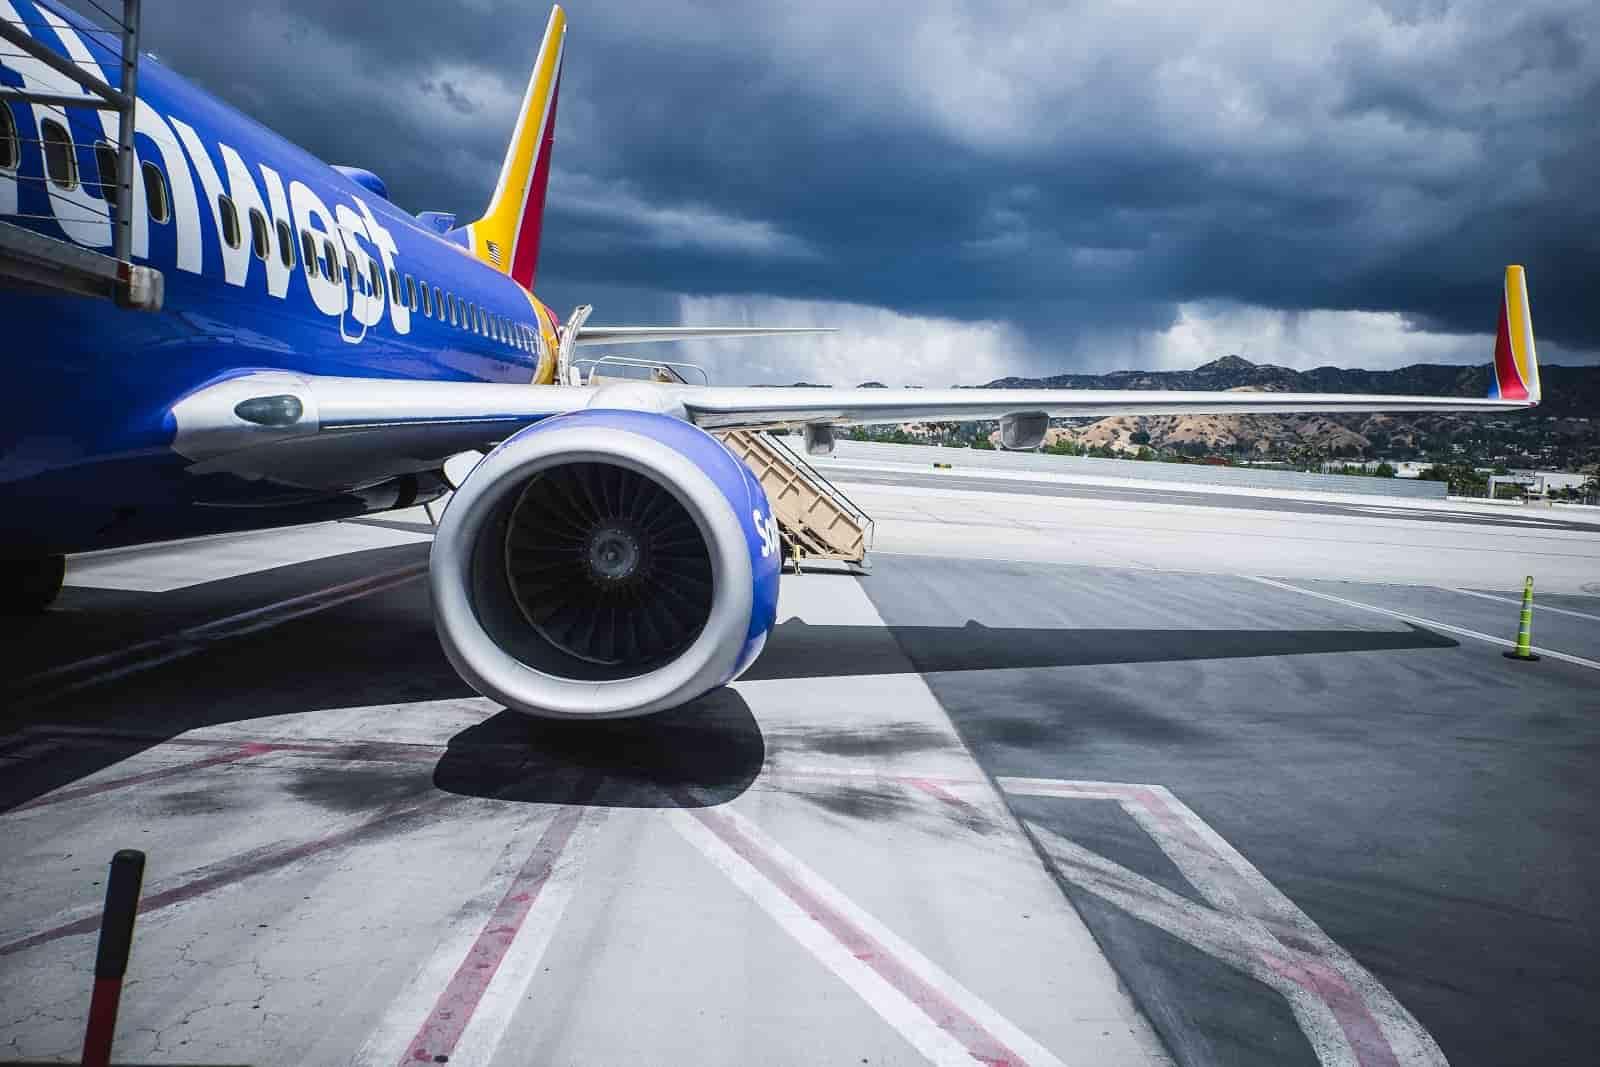 Flight engine